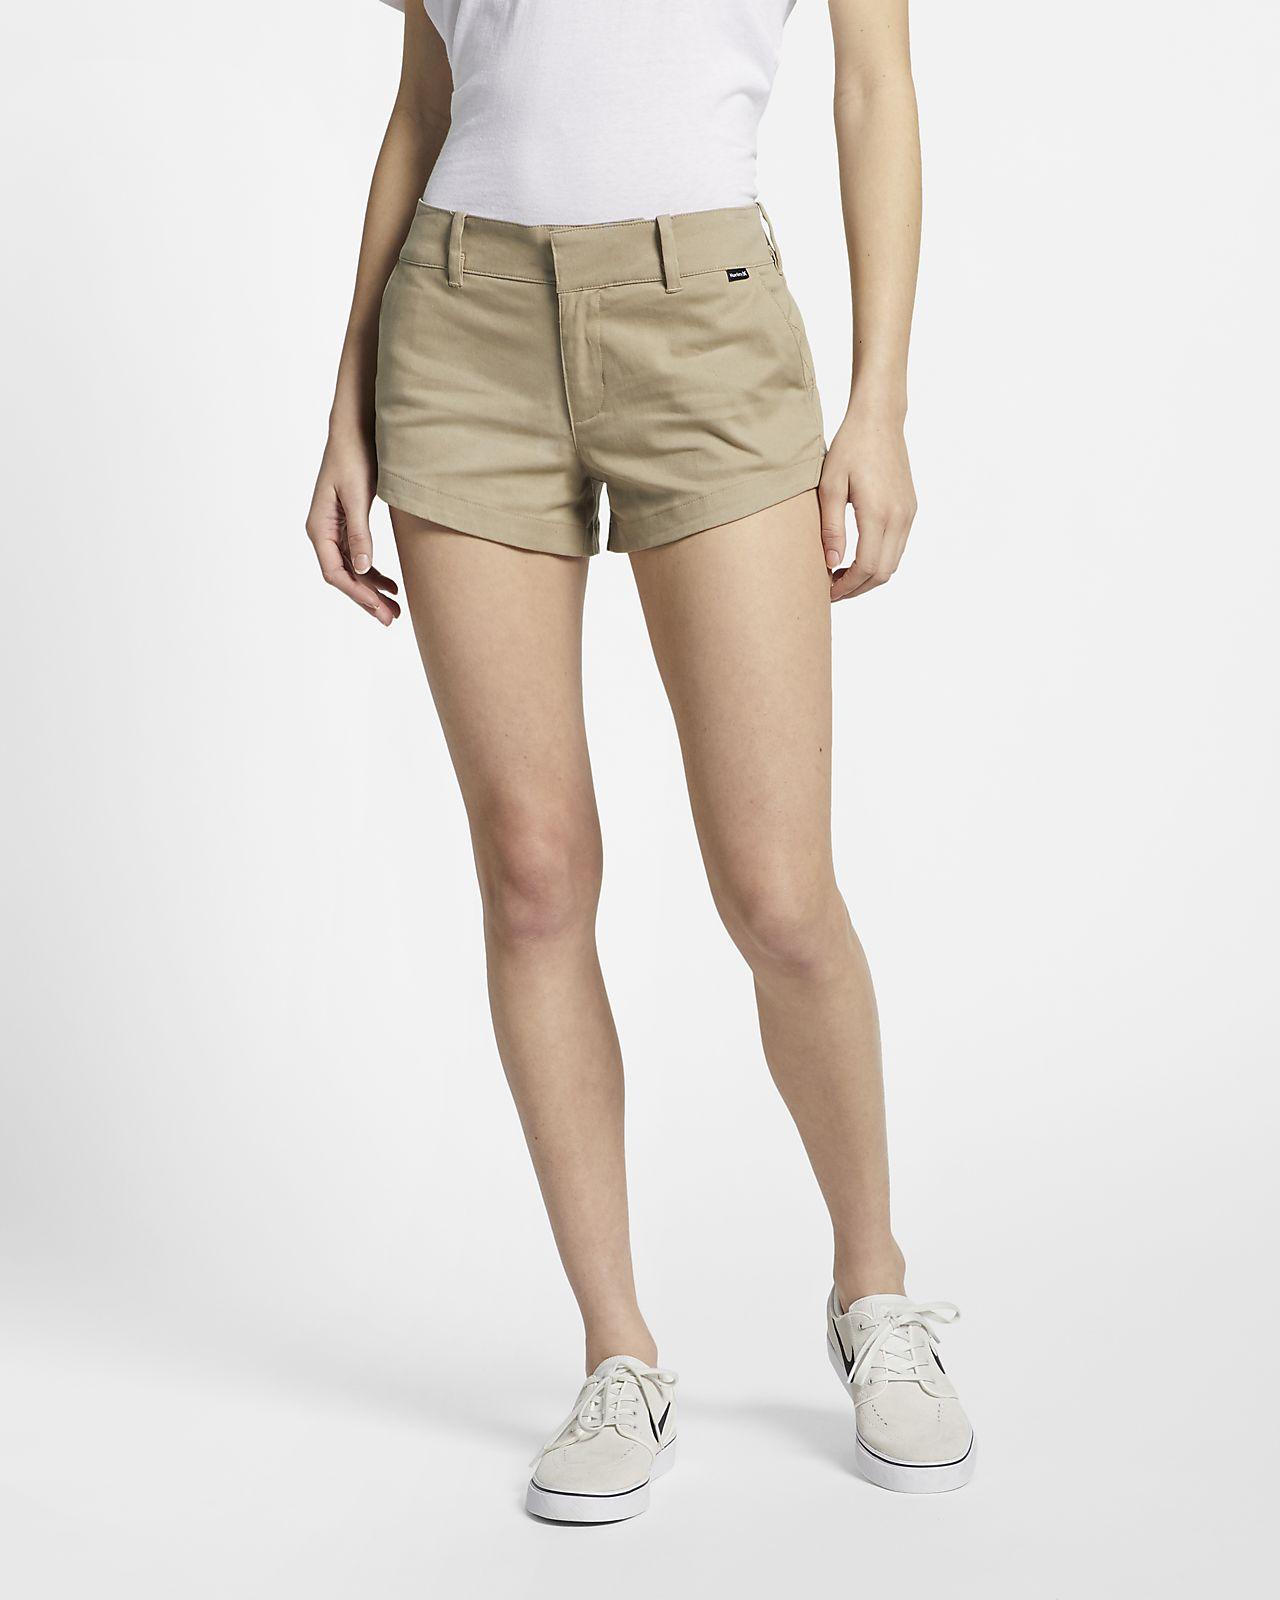 Chino Korte Broek Dames.Hurley Lowrider Chinoshorts Voor Dames Nike Com Nl